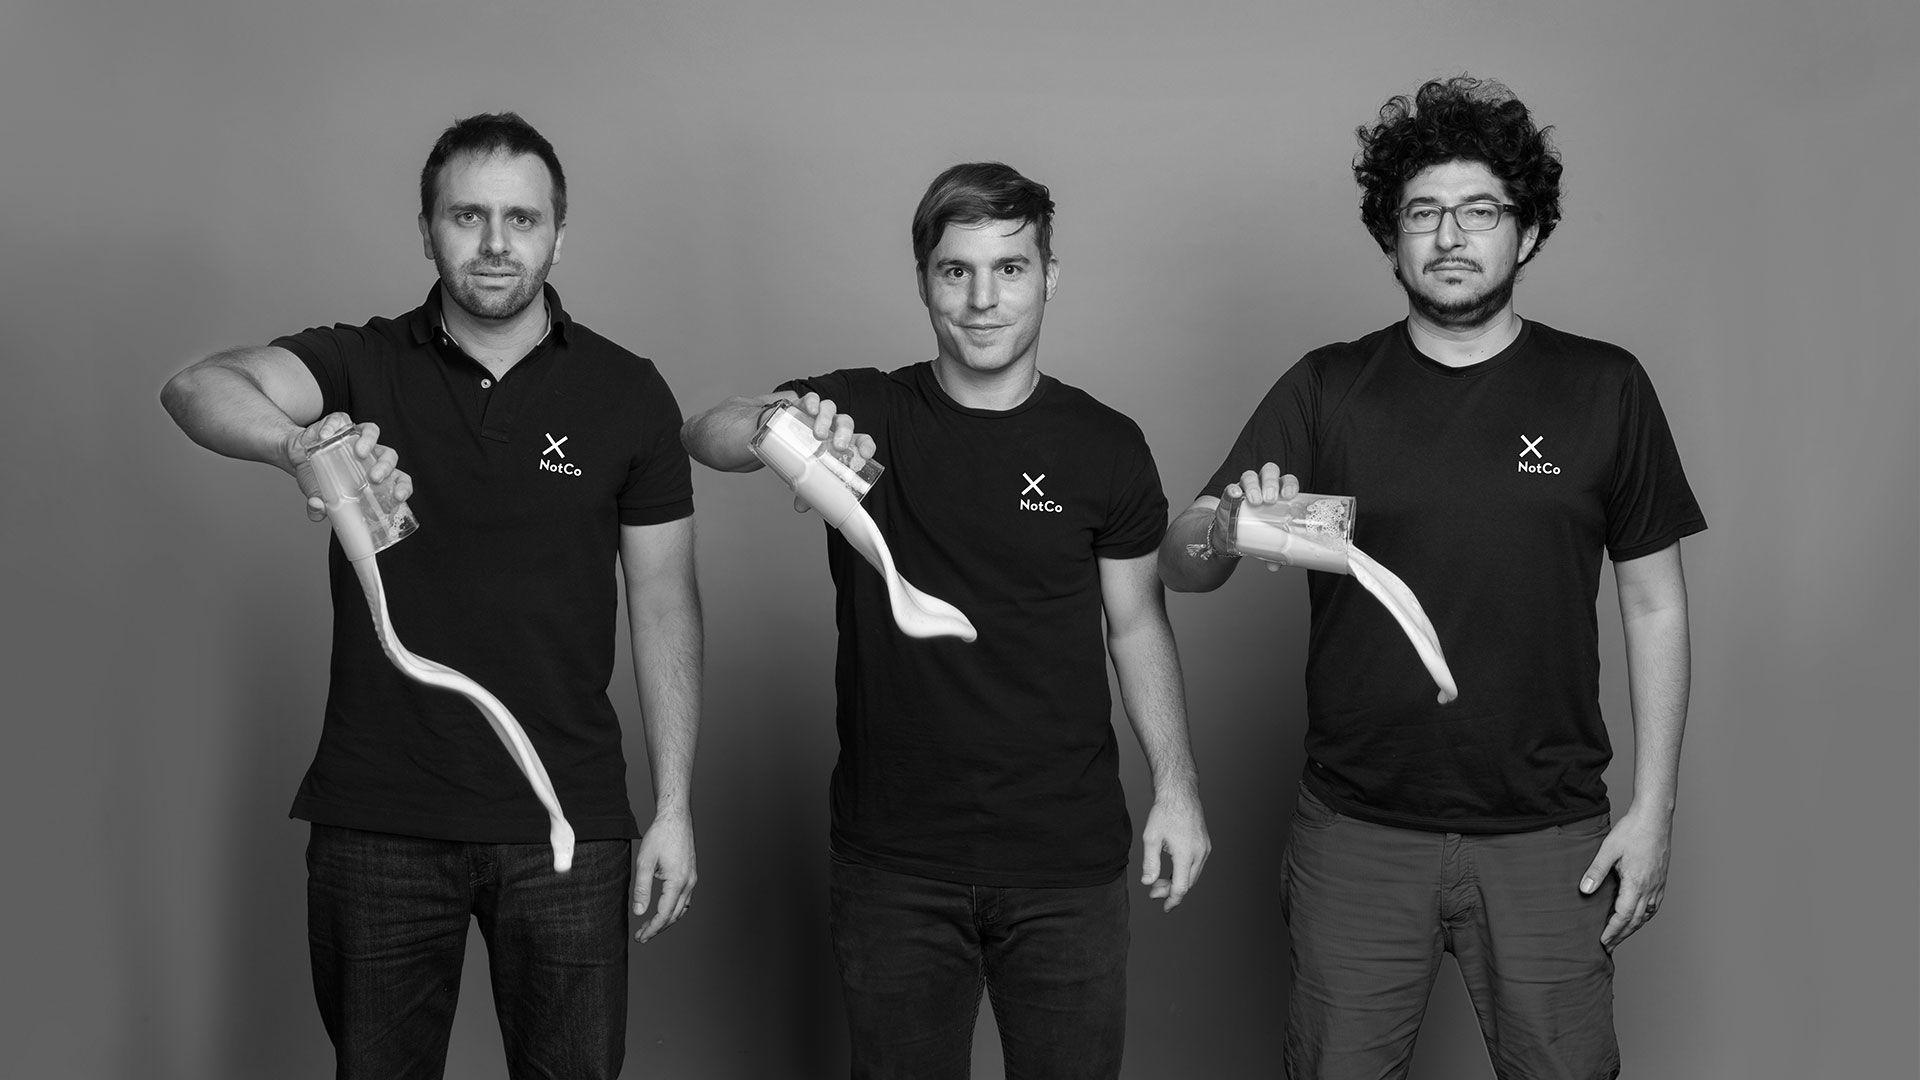 Karim Pichara, Matías Muchnick y Pablo Zamora, creadores de NotCo.